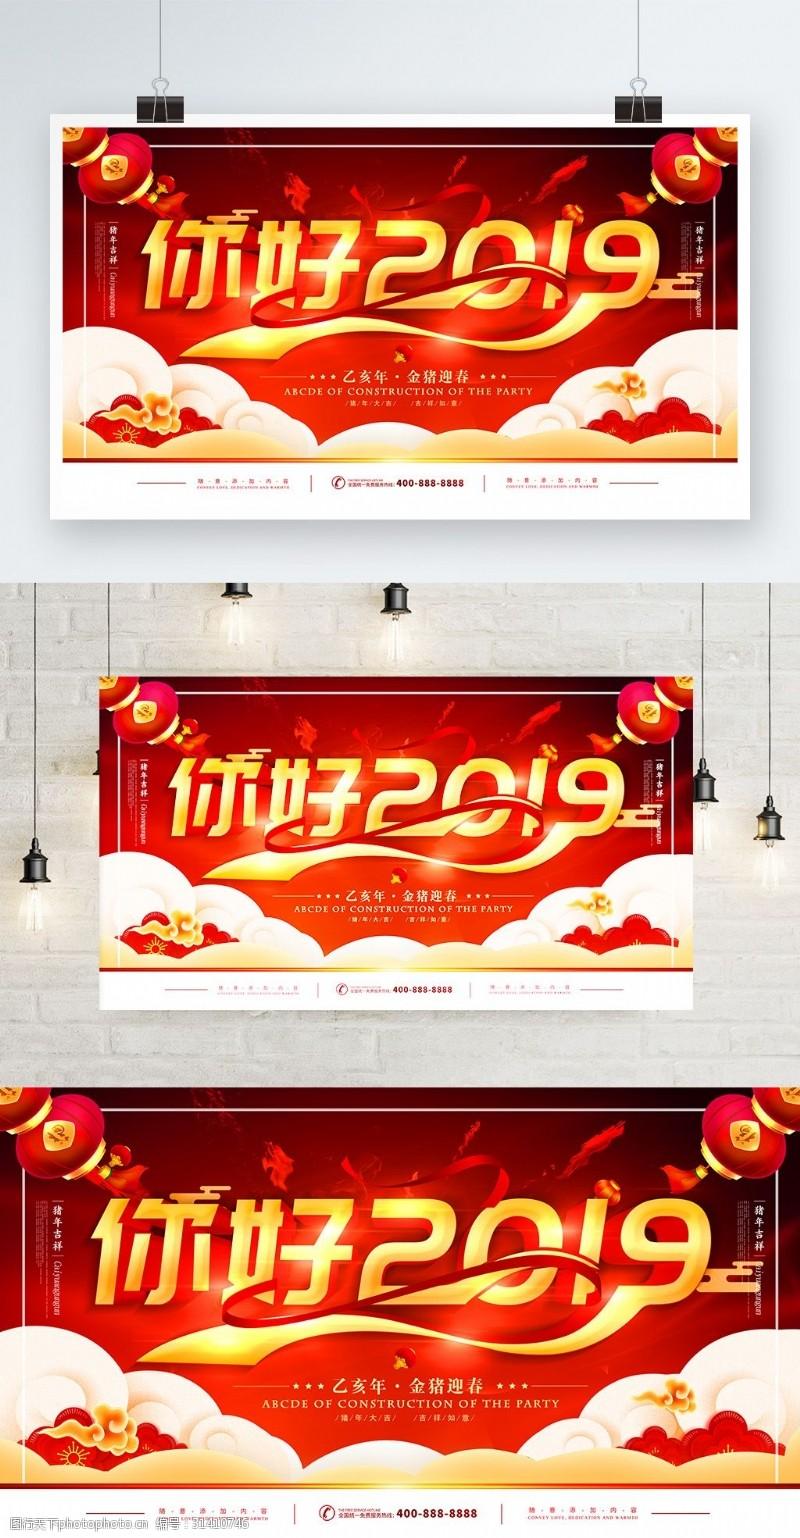 元旦立体字简约红色立体字你好2019宣传海报